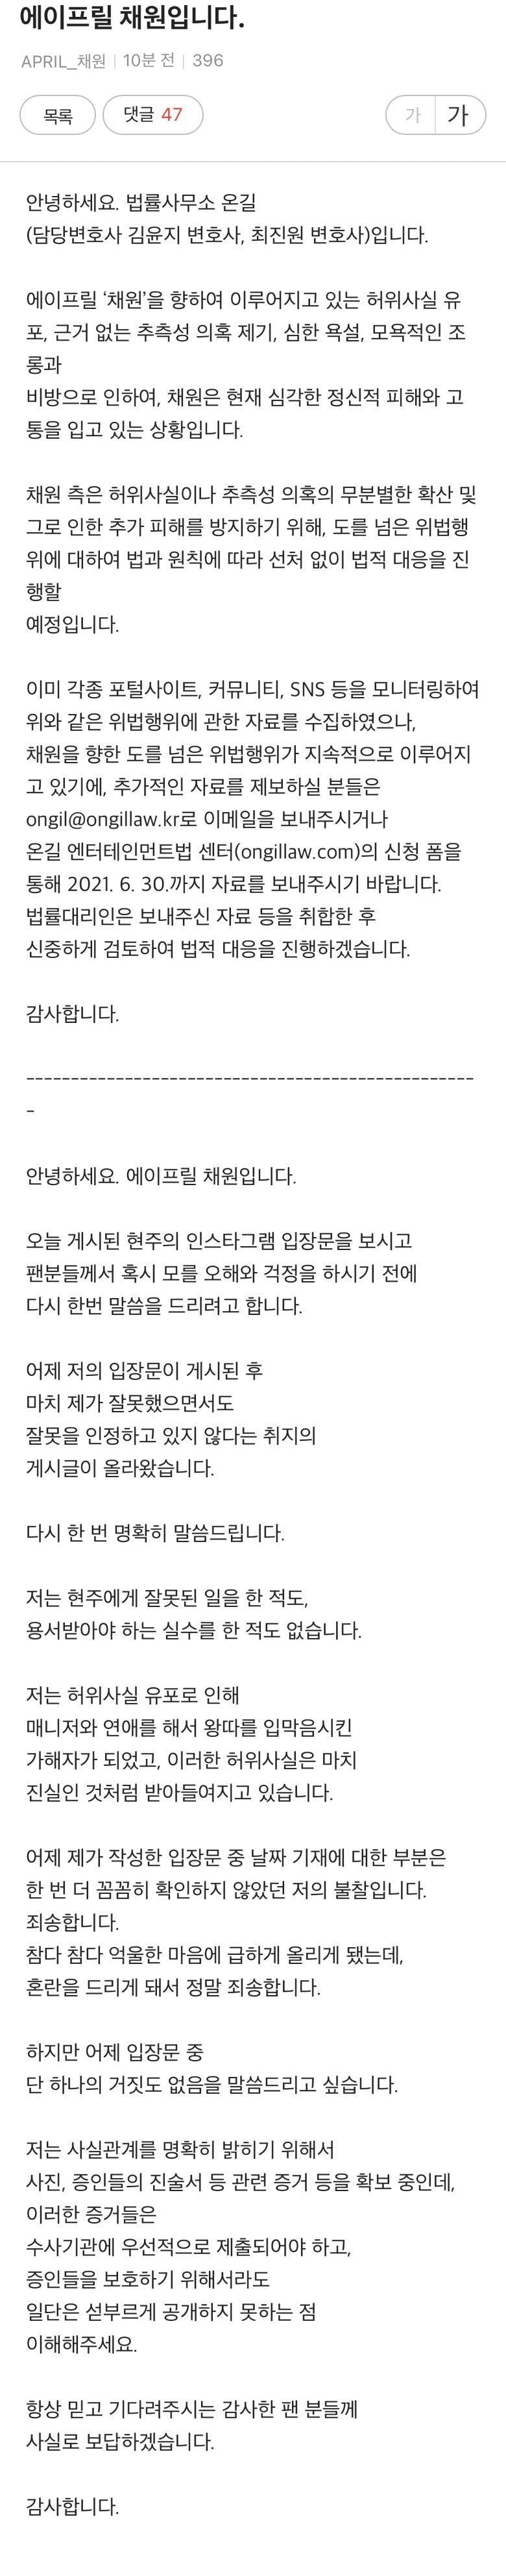 [정보/소식] 에이프릴 김채원 입장문 | 인스티즈